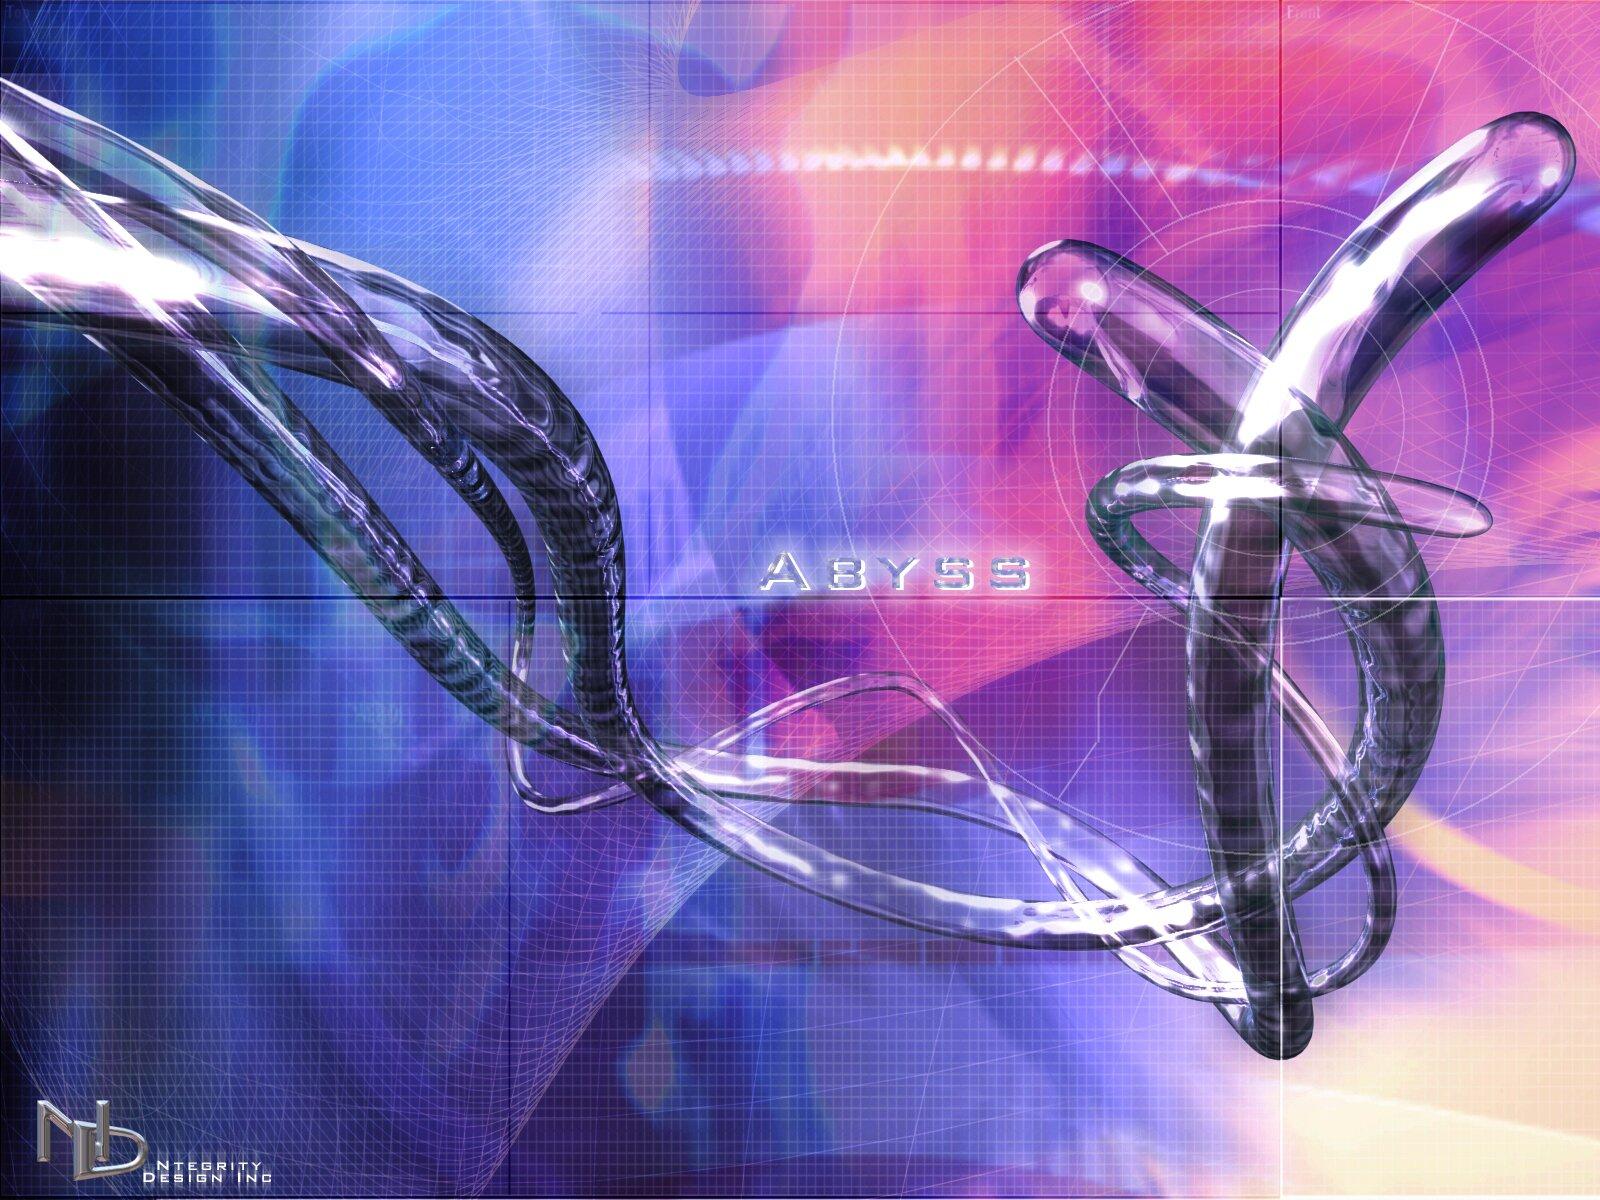 Wallpaper abyss Theme Windows XP